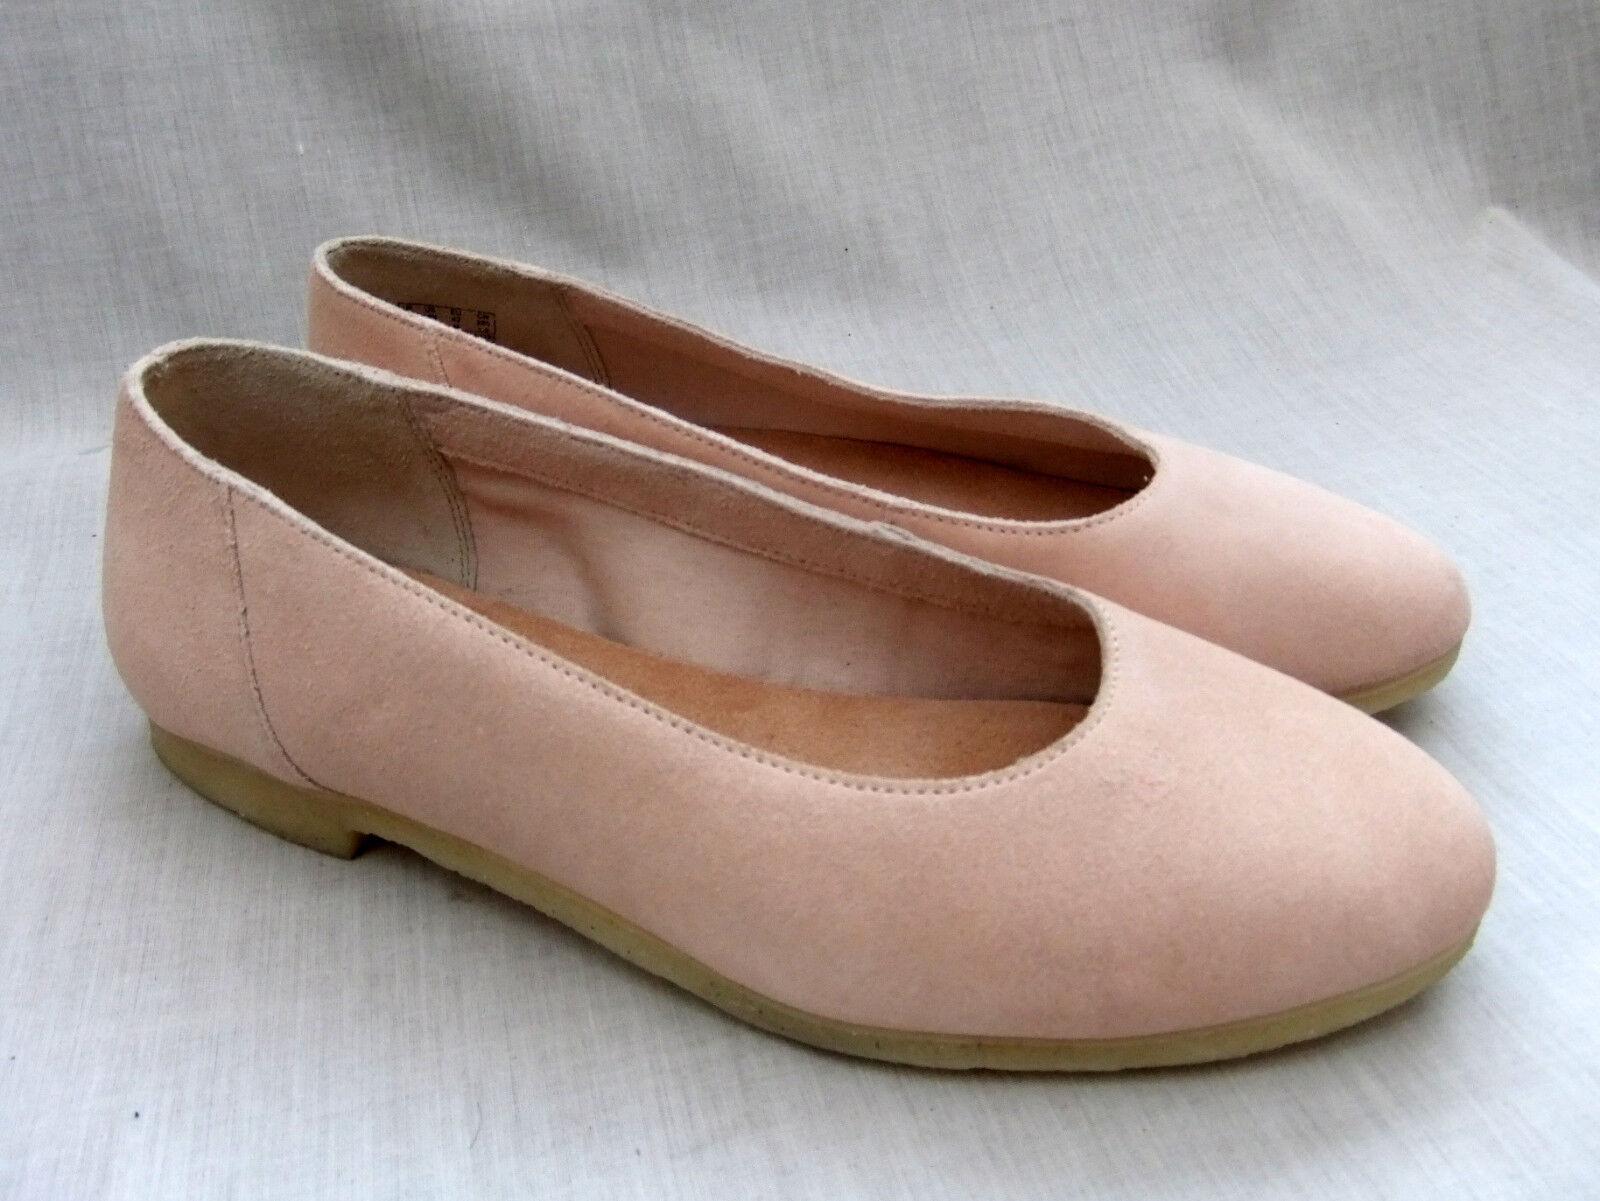 Nuevo CLARKS CLARKS CLARKS ORIGINALS Ffion Ivy para Mujer Luz rosado Zapatos De Gamuza Tamaño 8 42  artículos de promoción